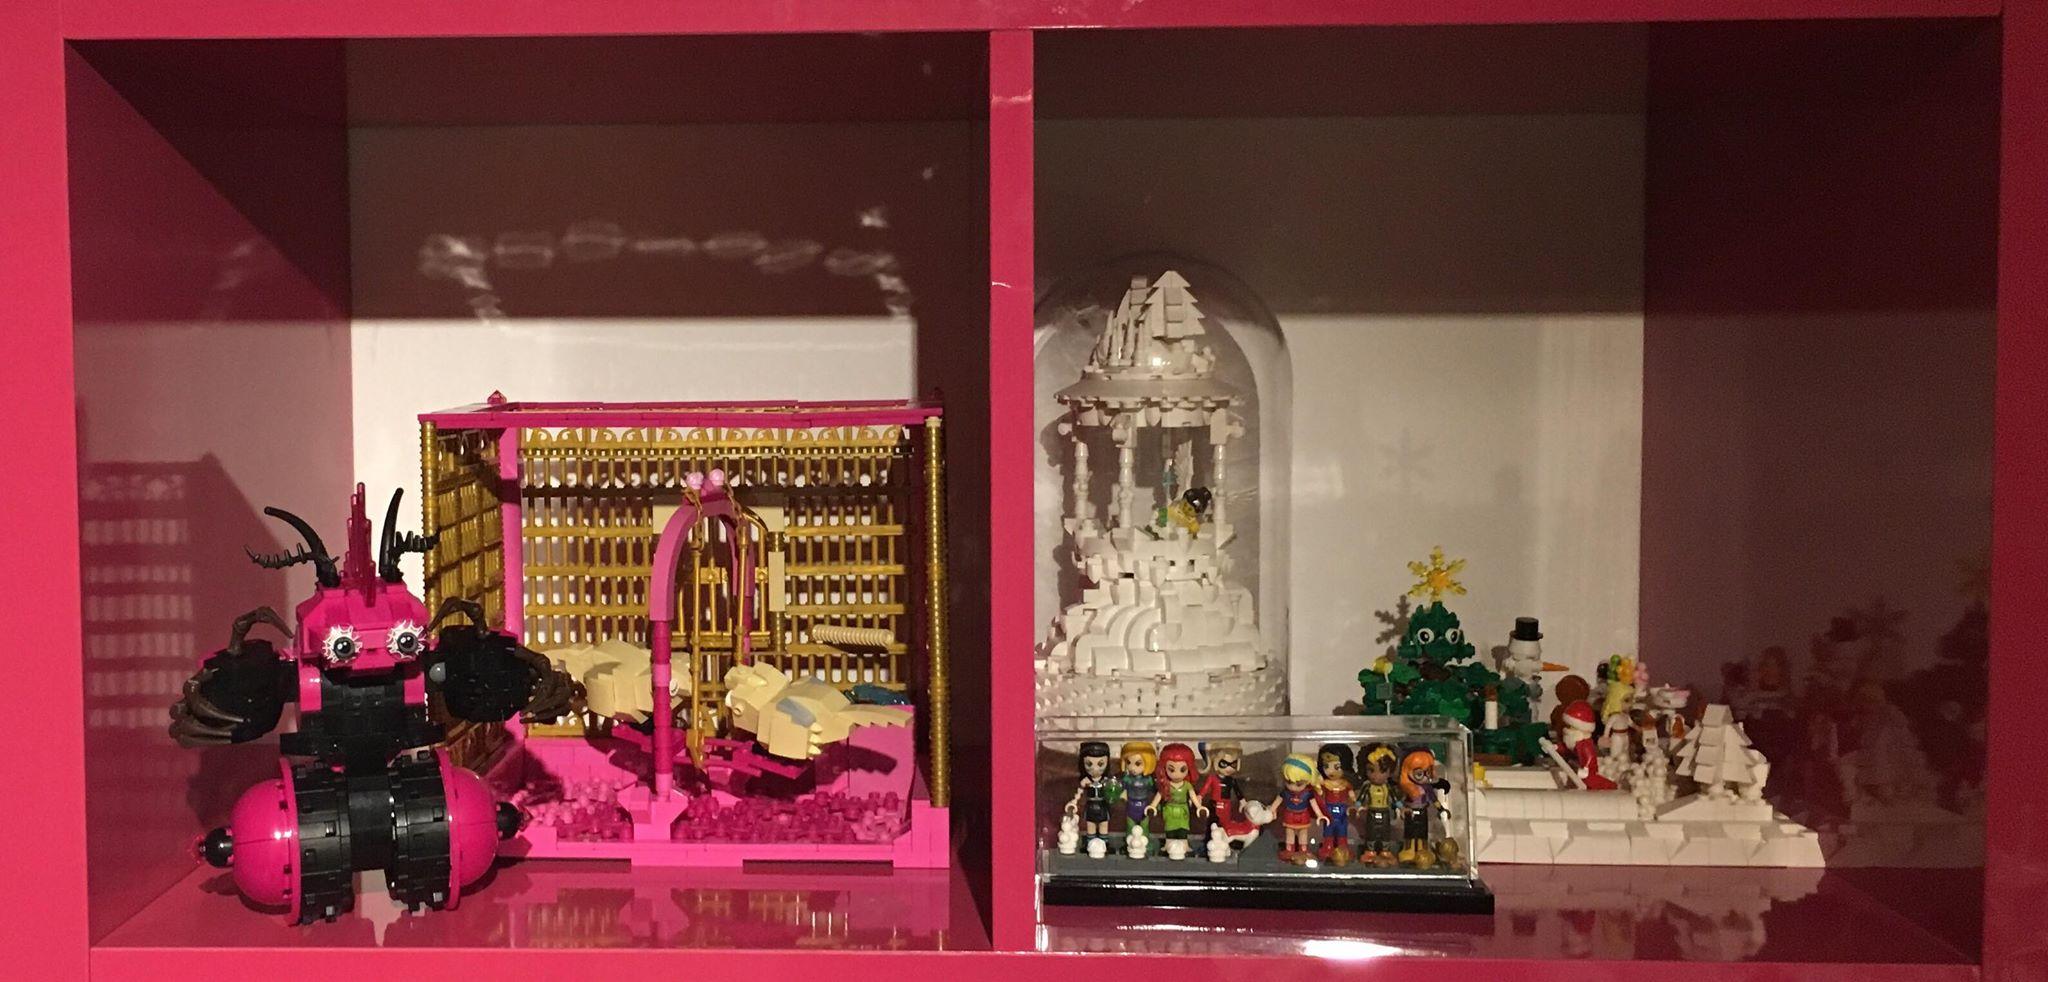 Några av Marias Lego-skapelser!